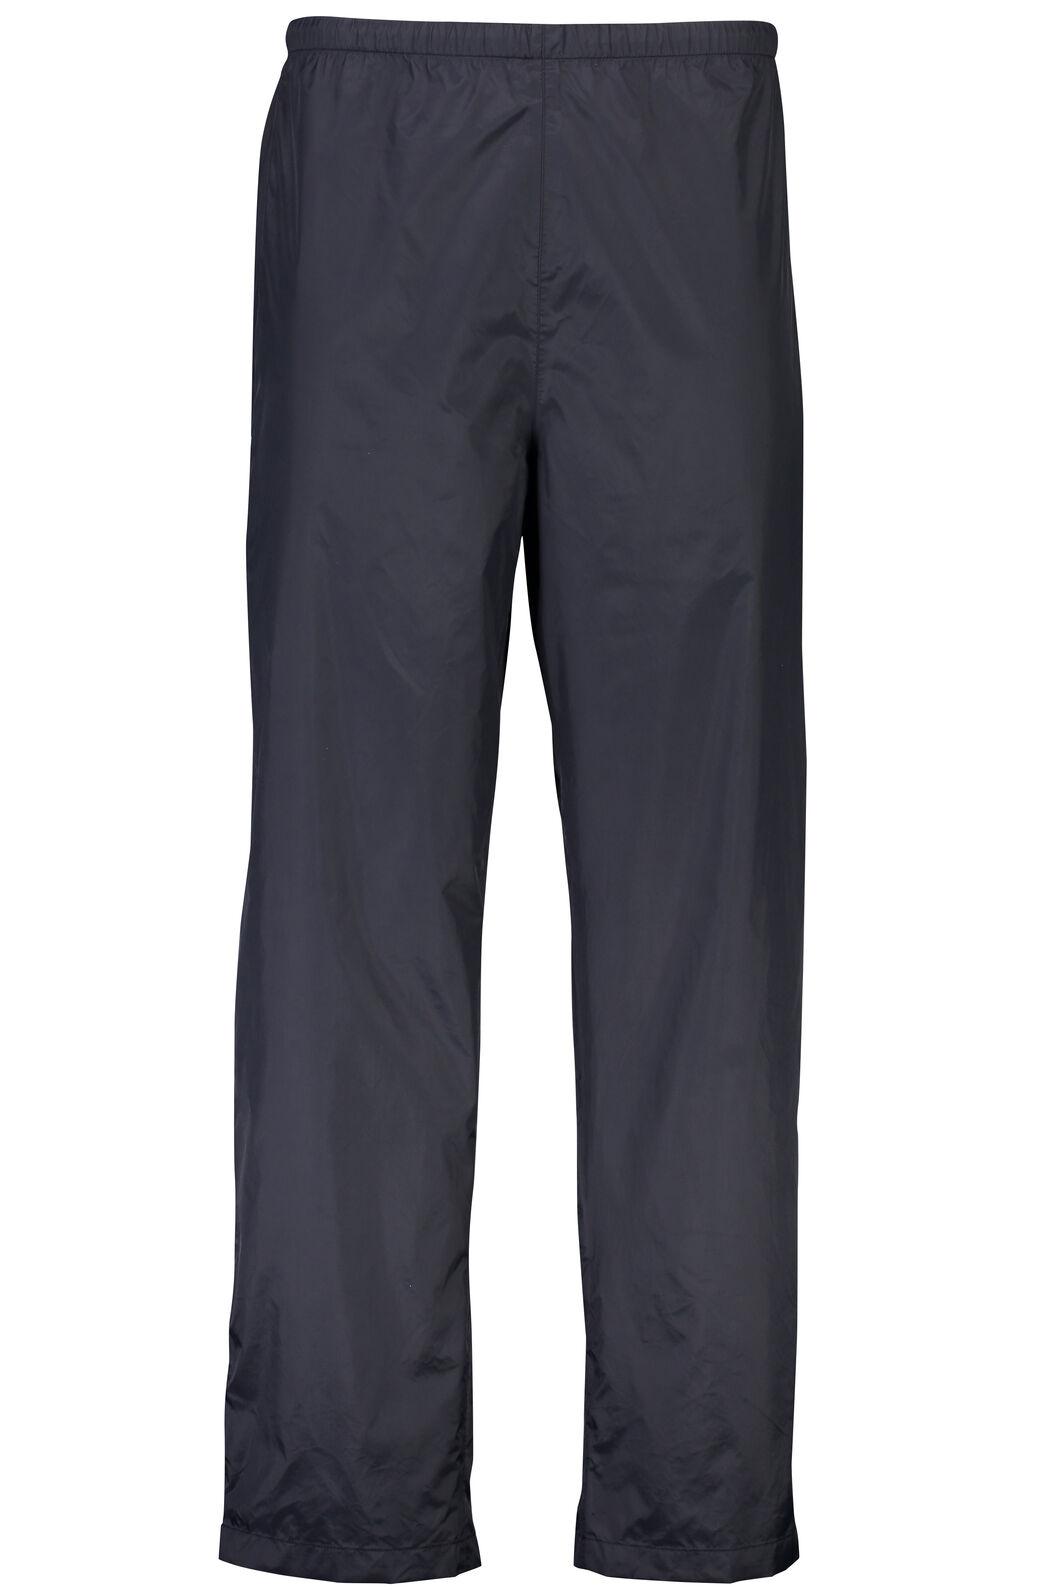 Pack-It- Pants - Unisex, Black, hi-res